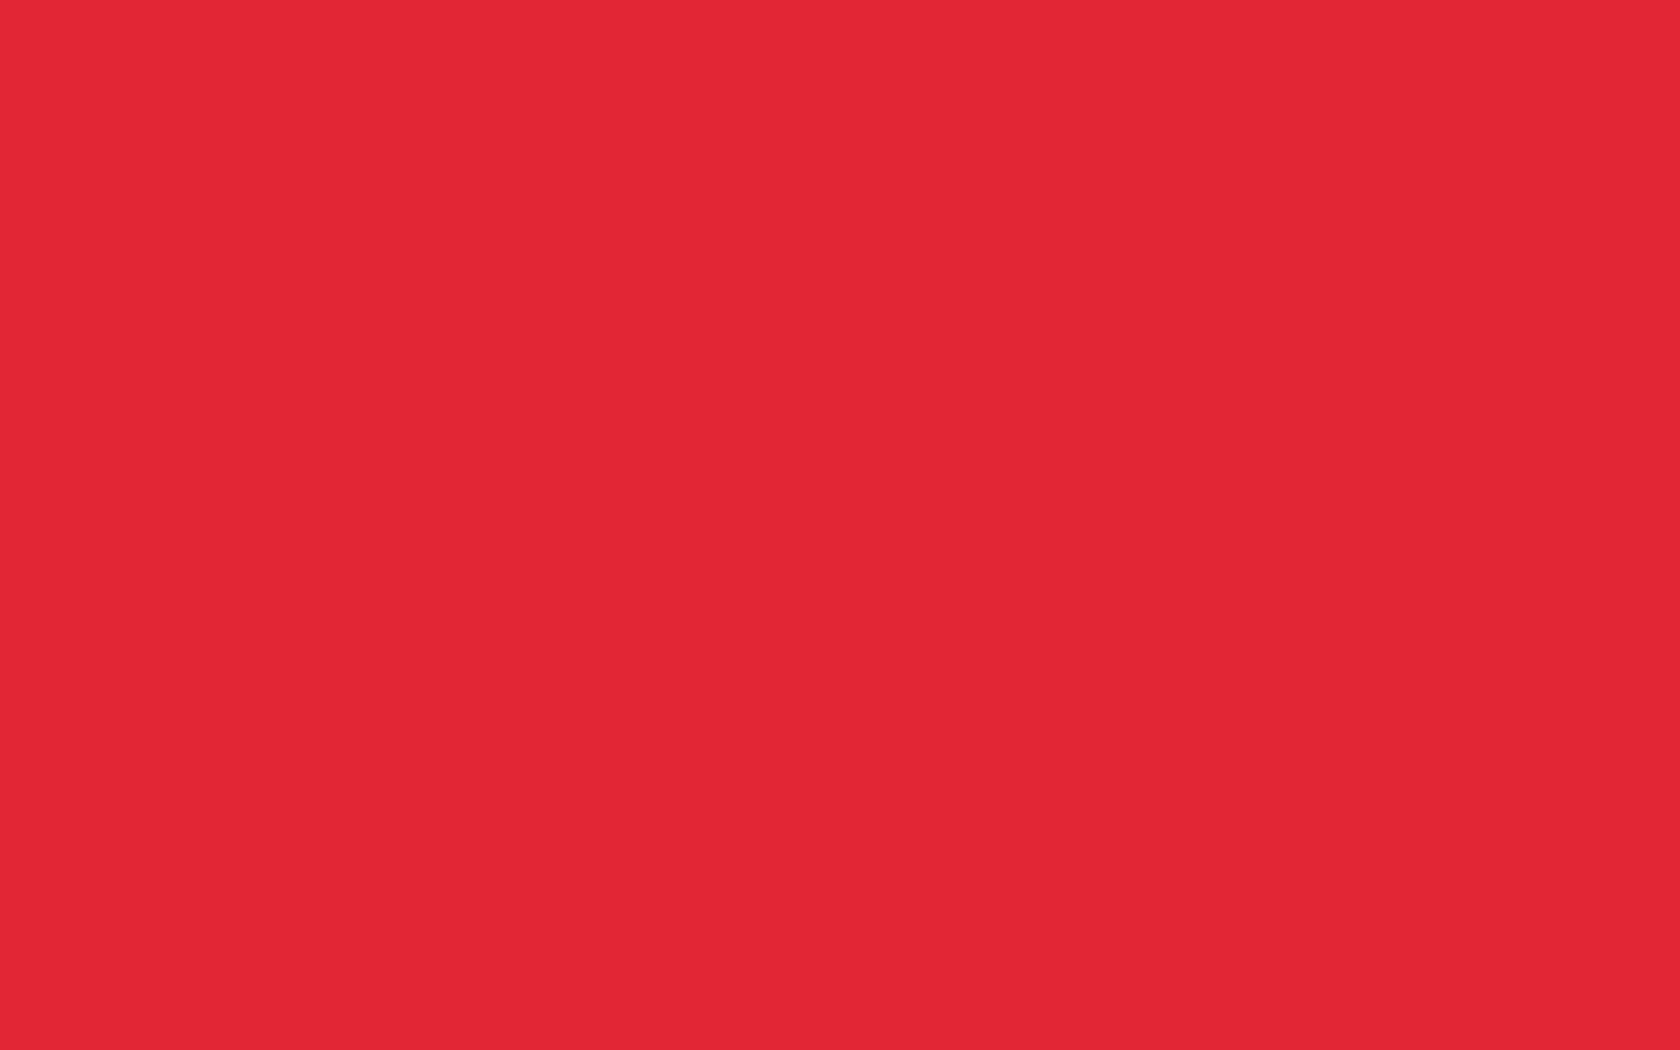 1680x1050 Alizarin Crimson Solid Color Background